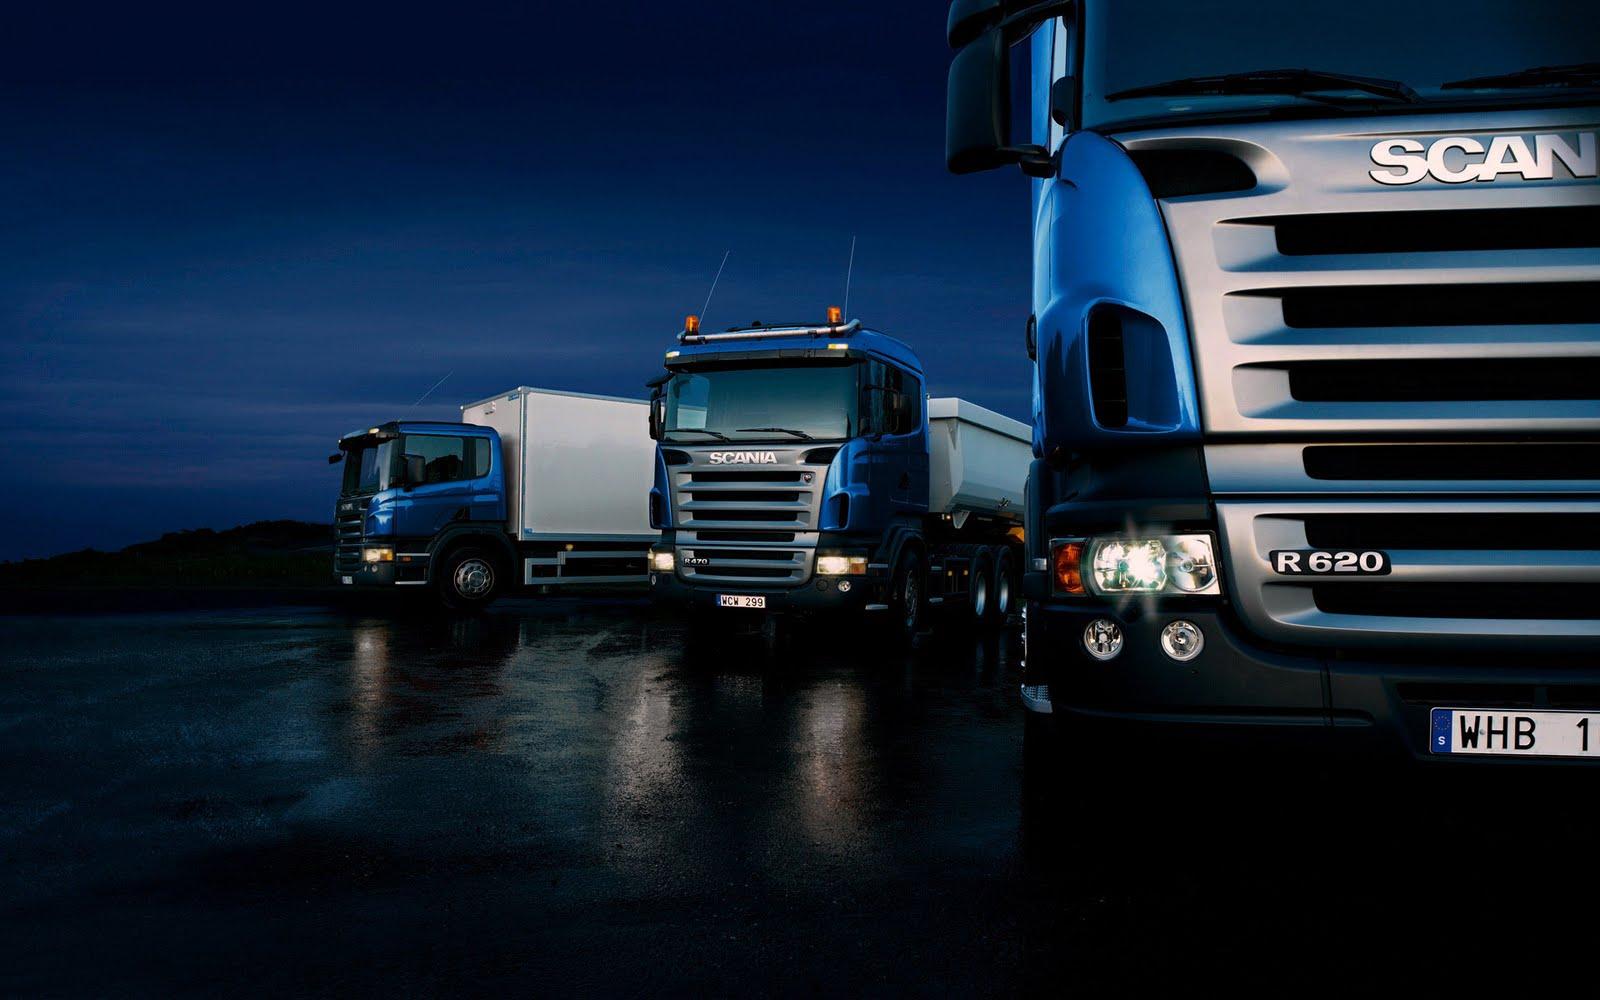 http://2.bp.blogspot.com/-PU5v6oF-_BY/TdK0Weosk4I/AAAAAAAACr8/nMxdbDuXgQU/s1600/Scania+Truck+Wallpaper+%281%29.jpg